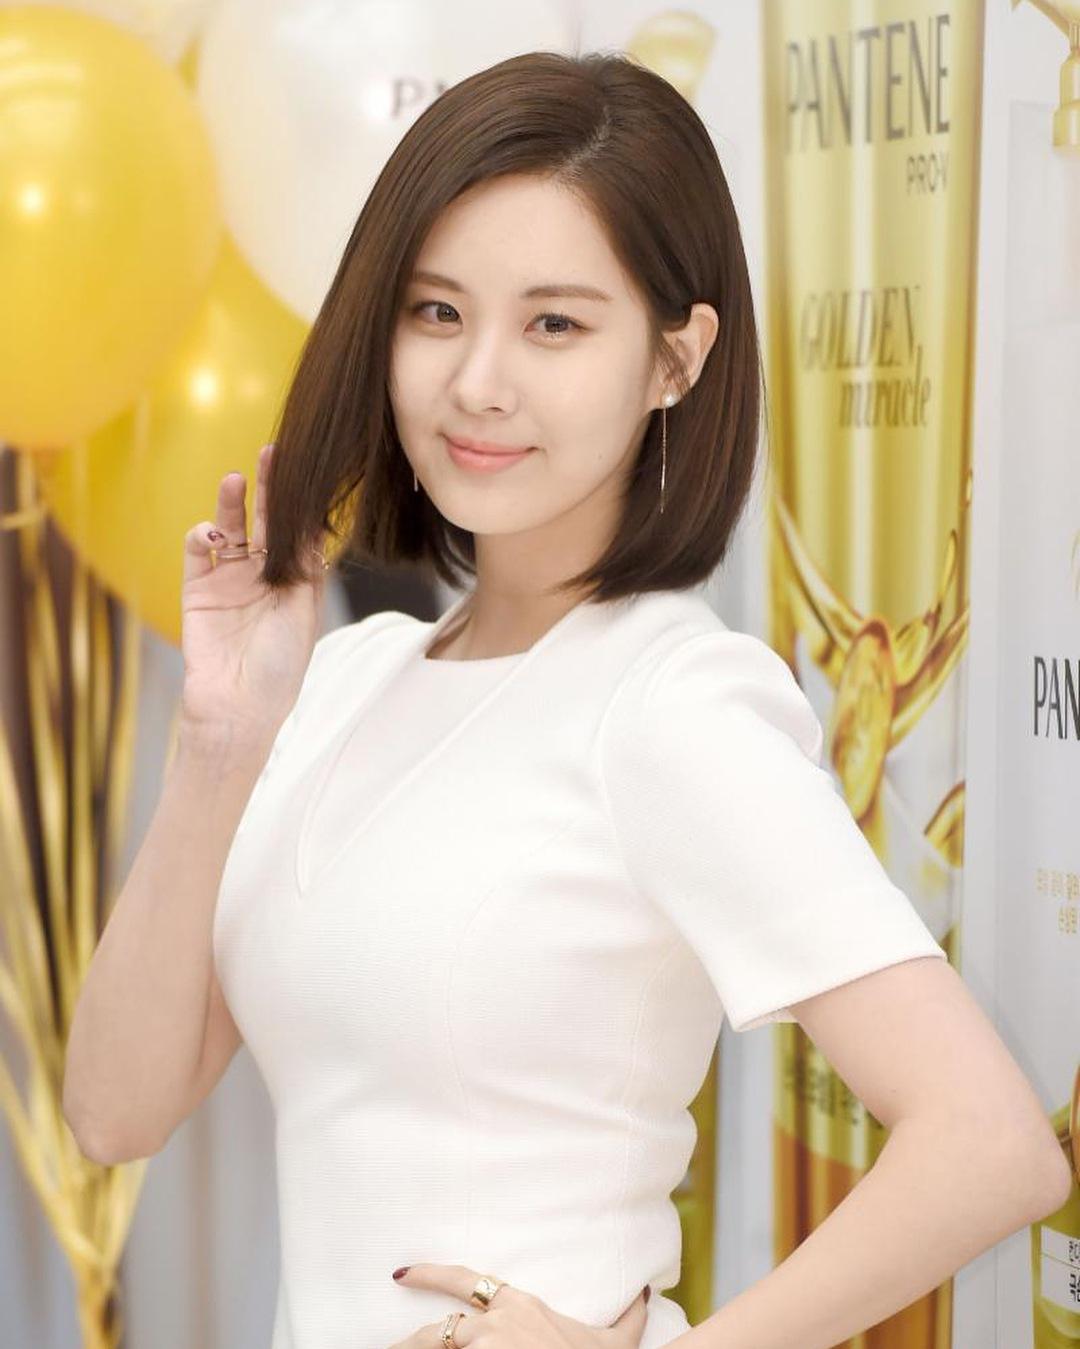 *徐玄 1991年出生 少女時代的忙內徐玄現在已經是一位優雅的大姊姊了,最近還剪了及肩的短髮看起來更加成熟!